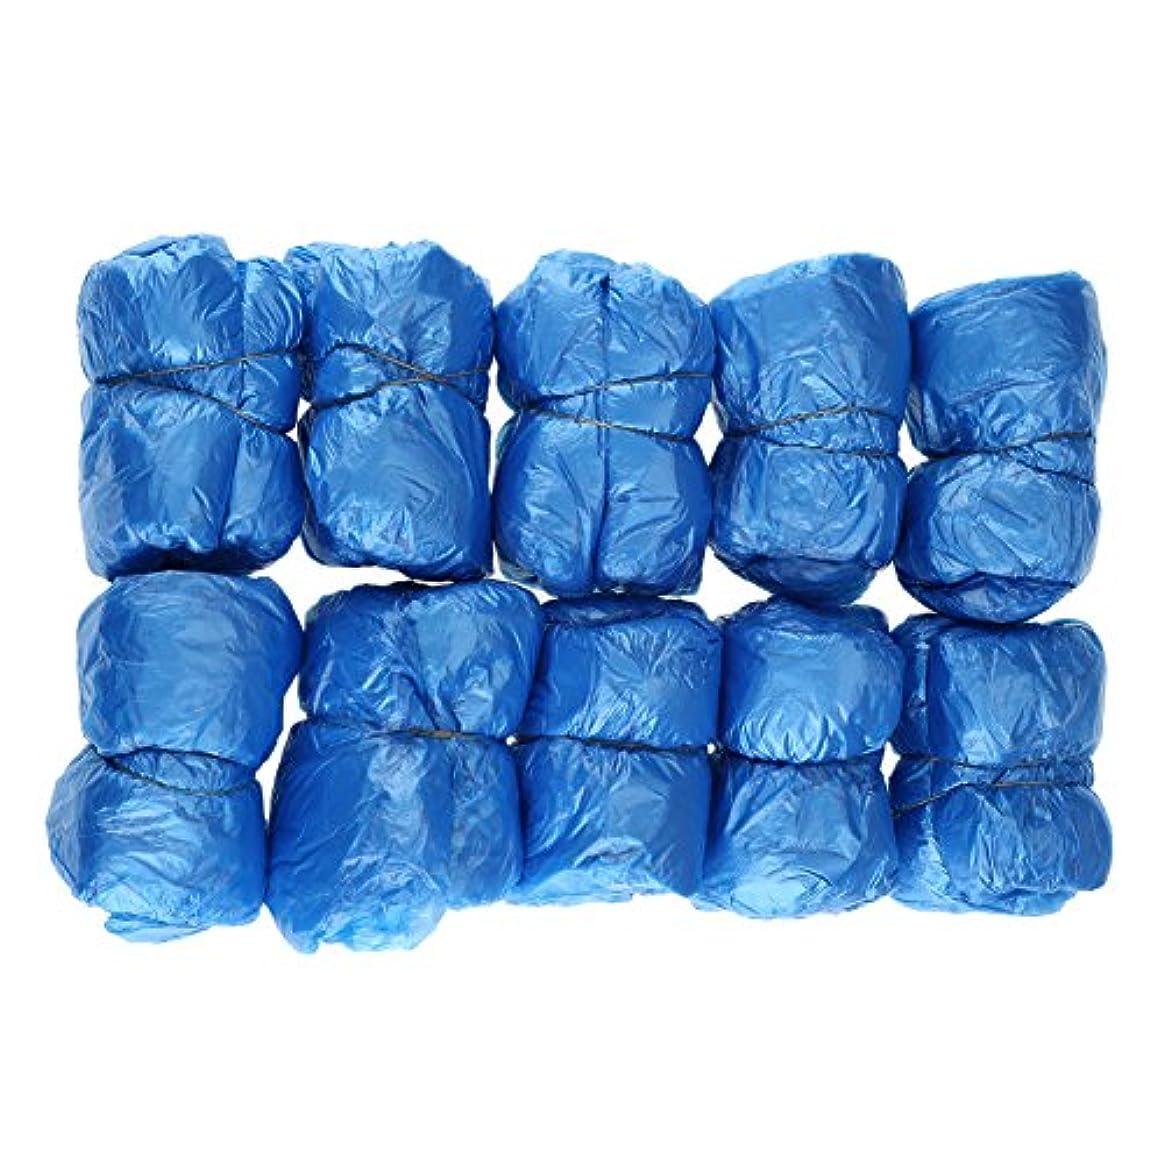 ボンド放散する移行100枚入 使い捨て靴カバー シューズカバー 靴カバー サイズフリー簡単 便利 衛生 家庭用品 ブルー